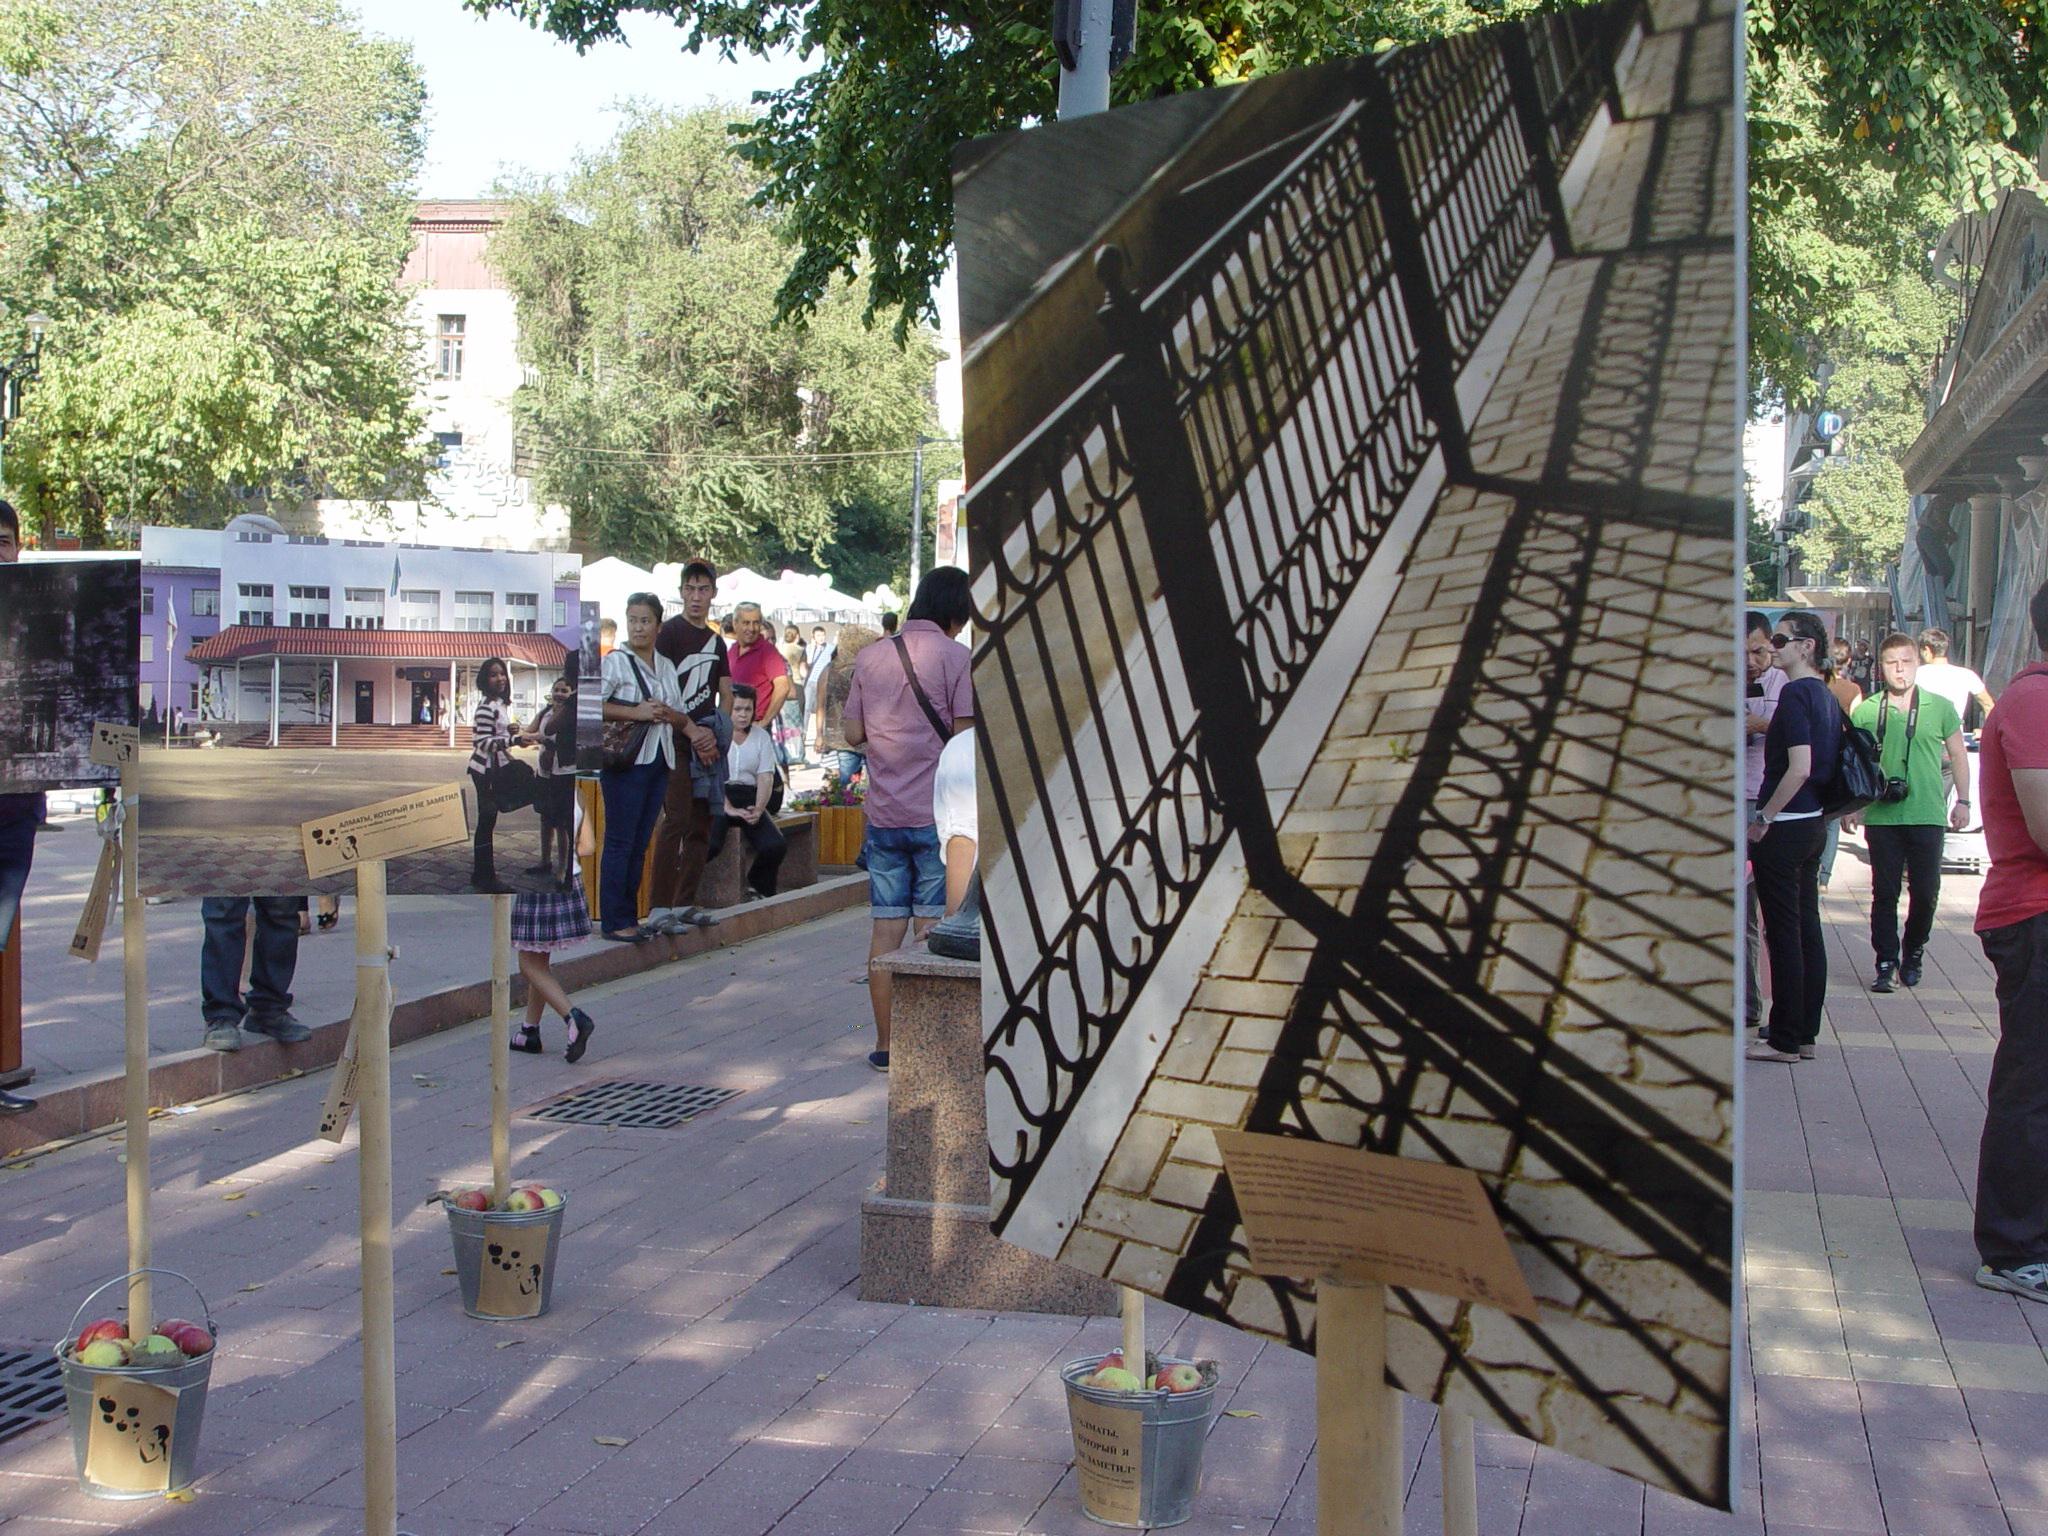 Арт площадка - искусство под открытым небом